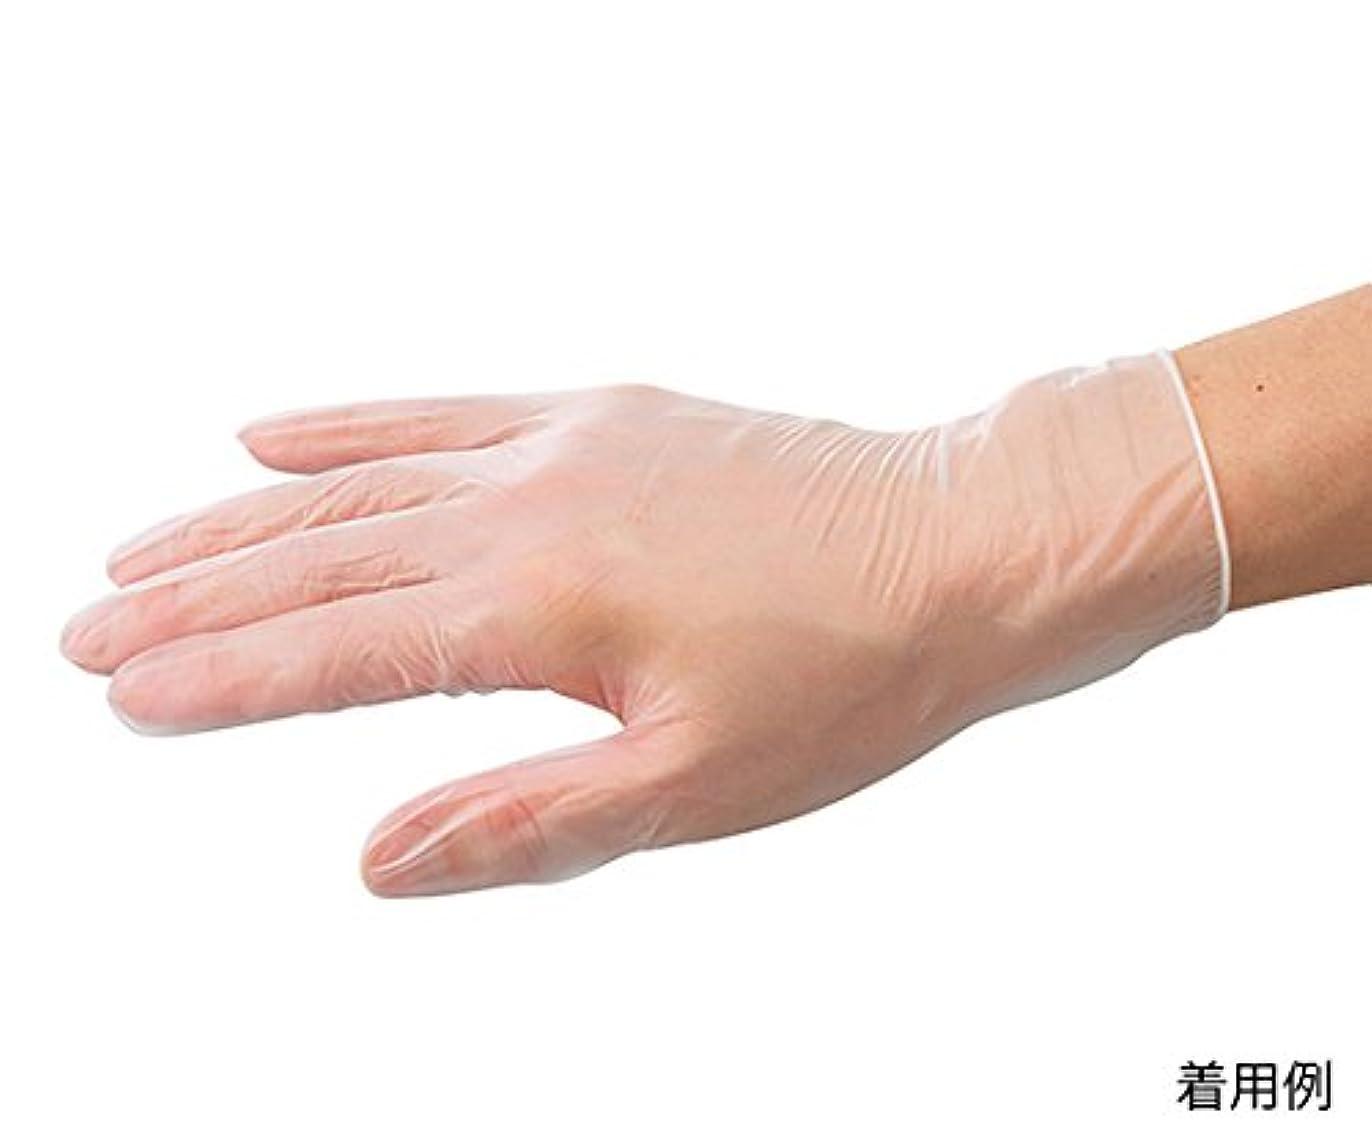 ストレス抑止するカエルARメディコム?インク?アジアリミテッド7-3726-03バイタルプラスチック手袋(パウダーフリー)L150枚入